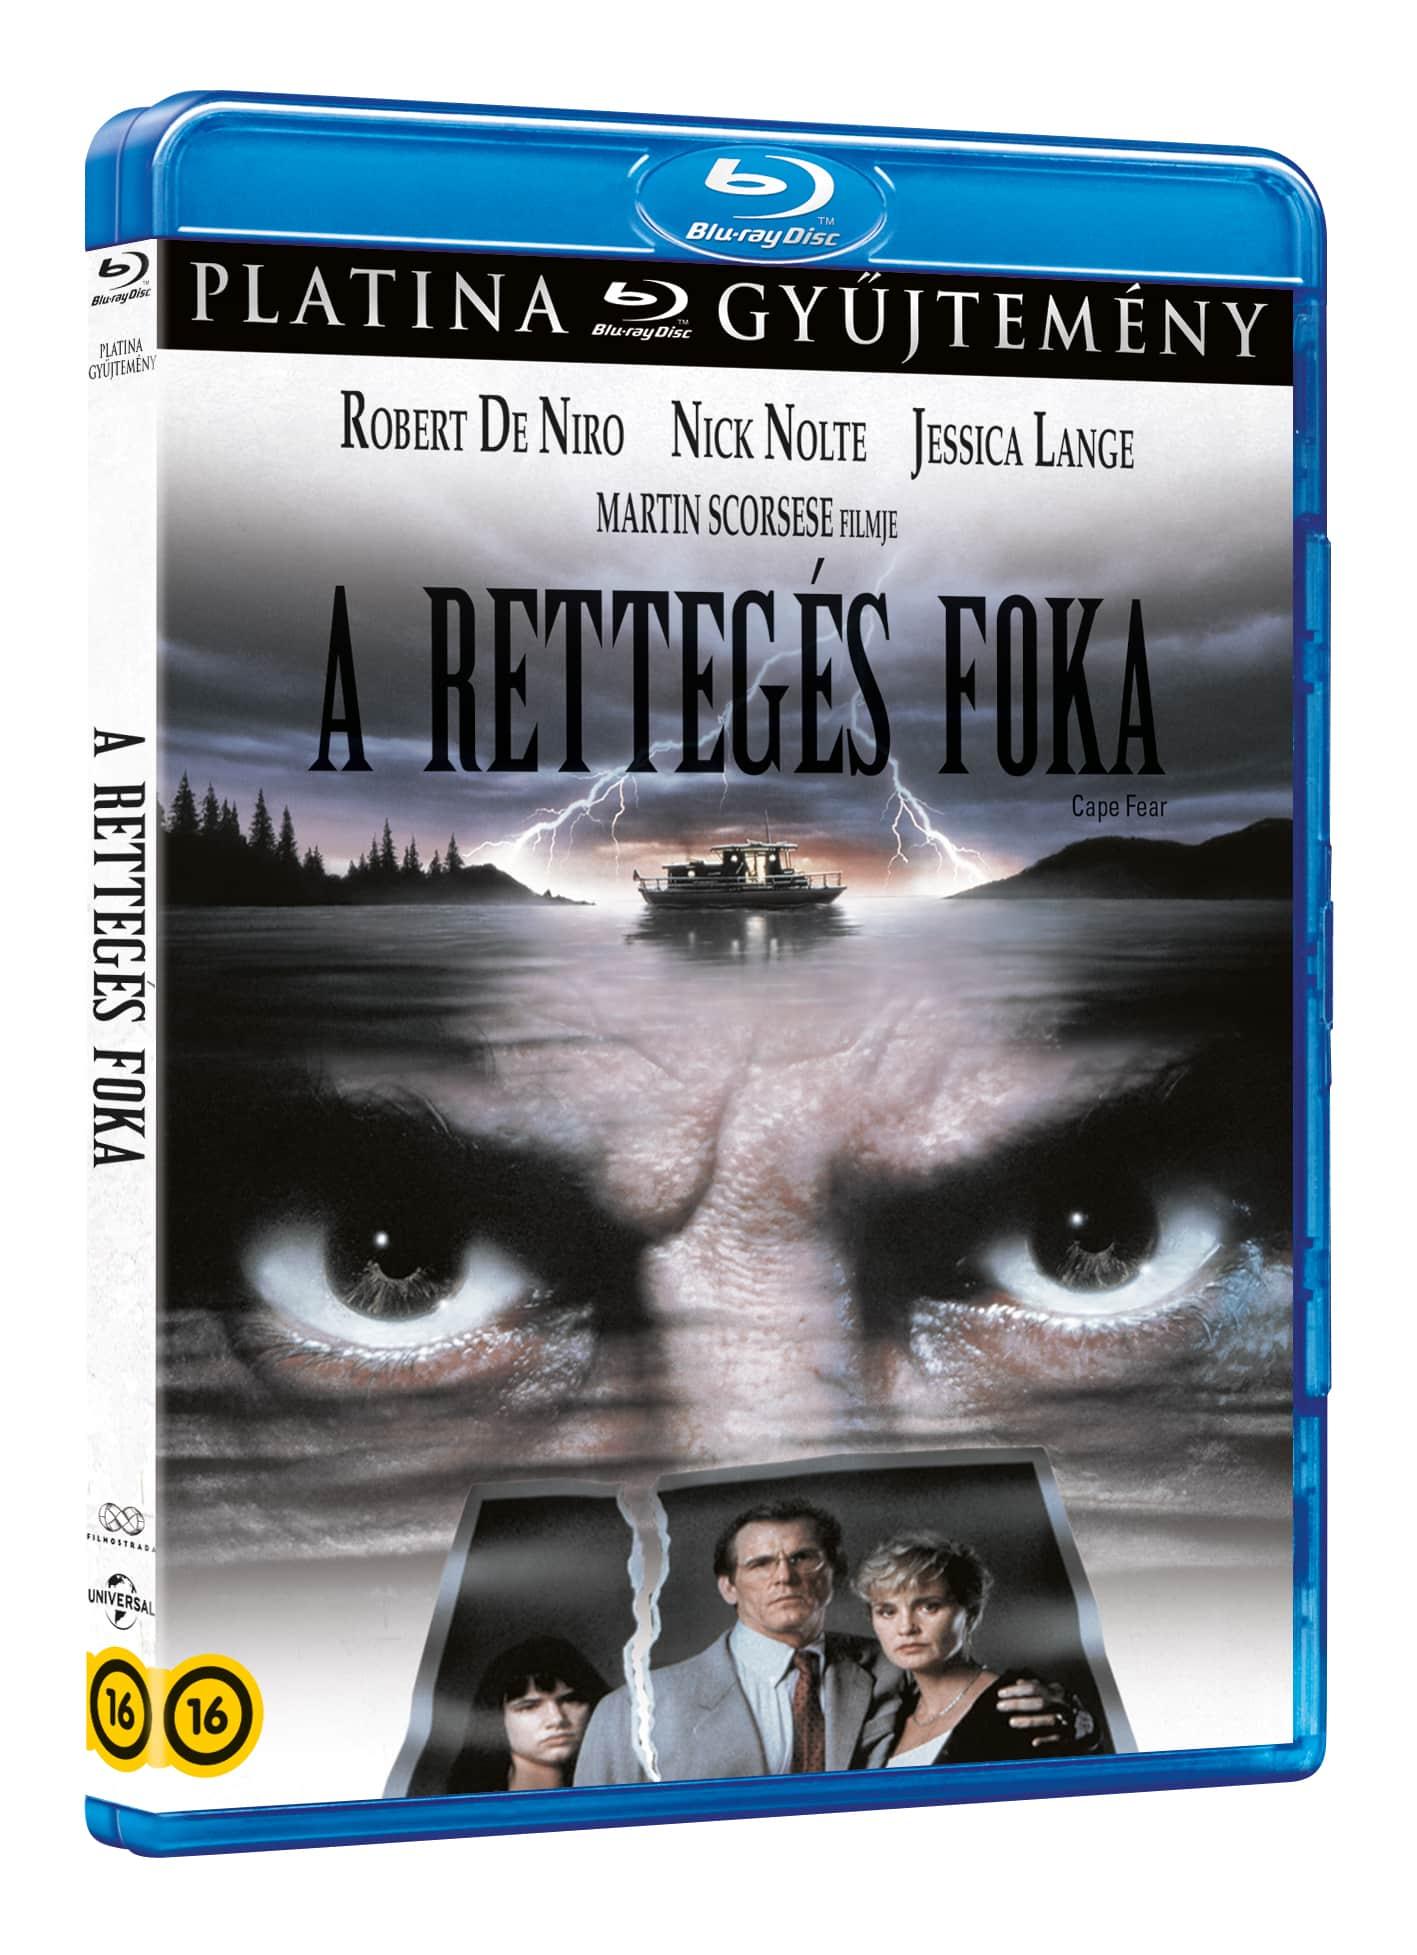 Rettegés foka (1991) (platina gyűjtemény) - Blu-ray